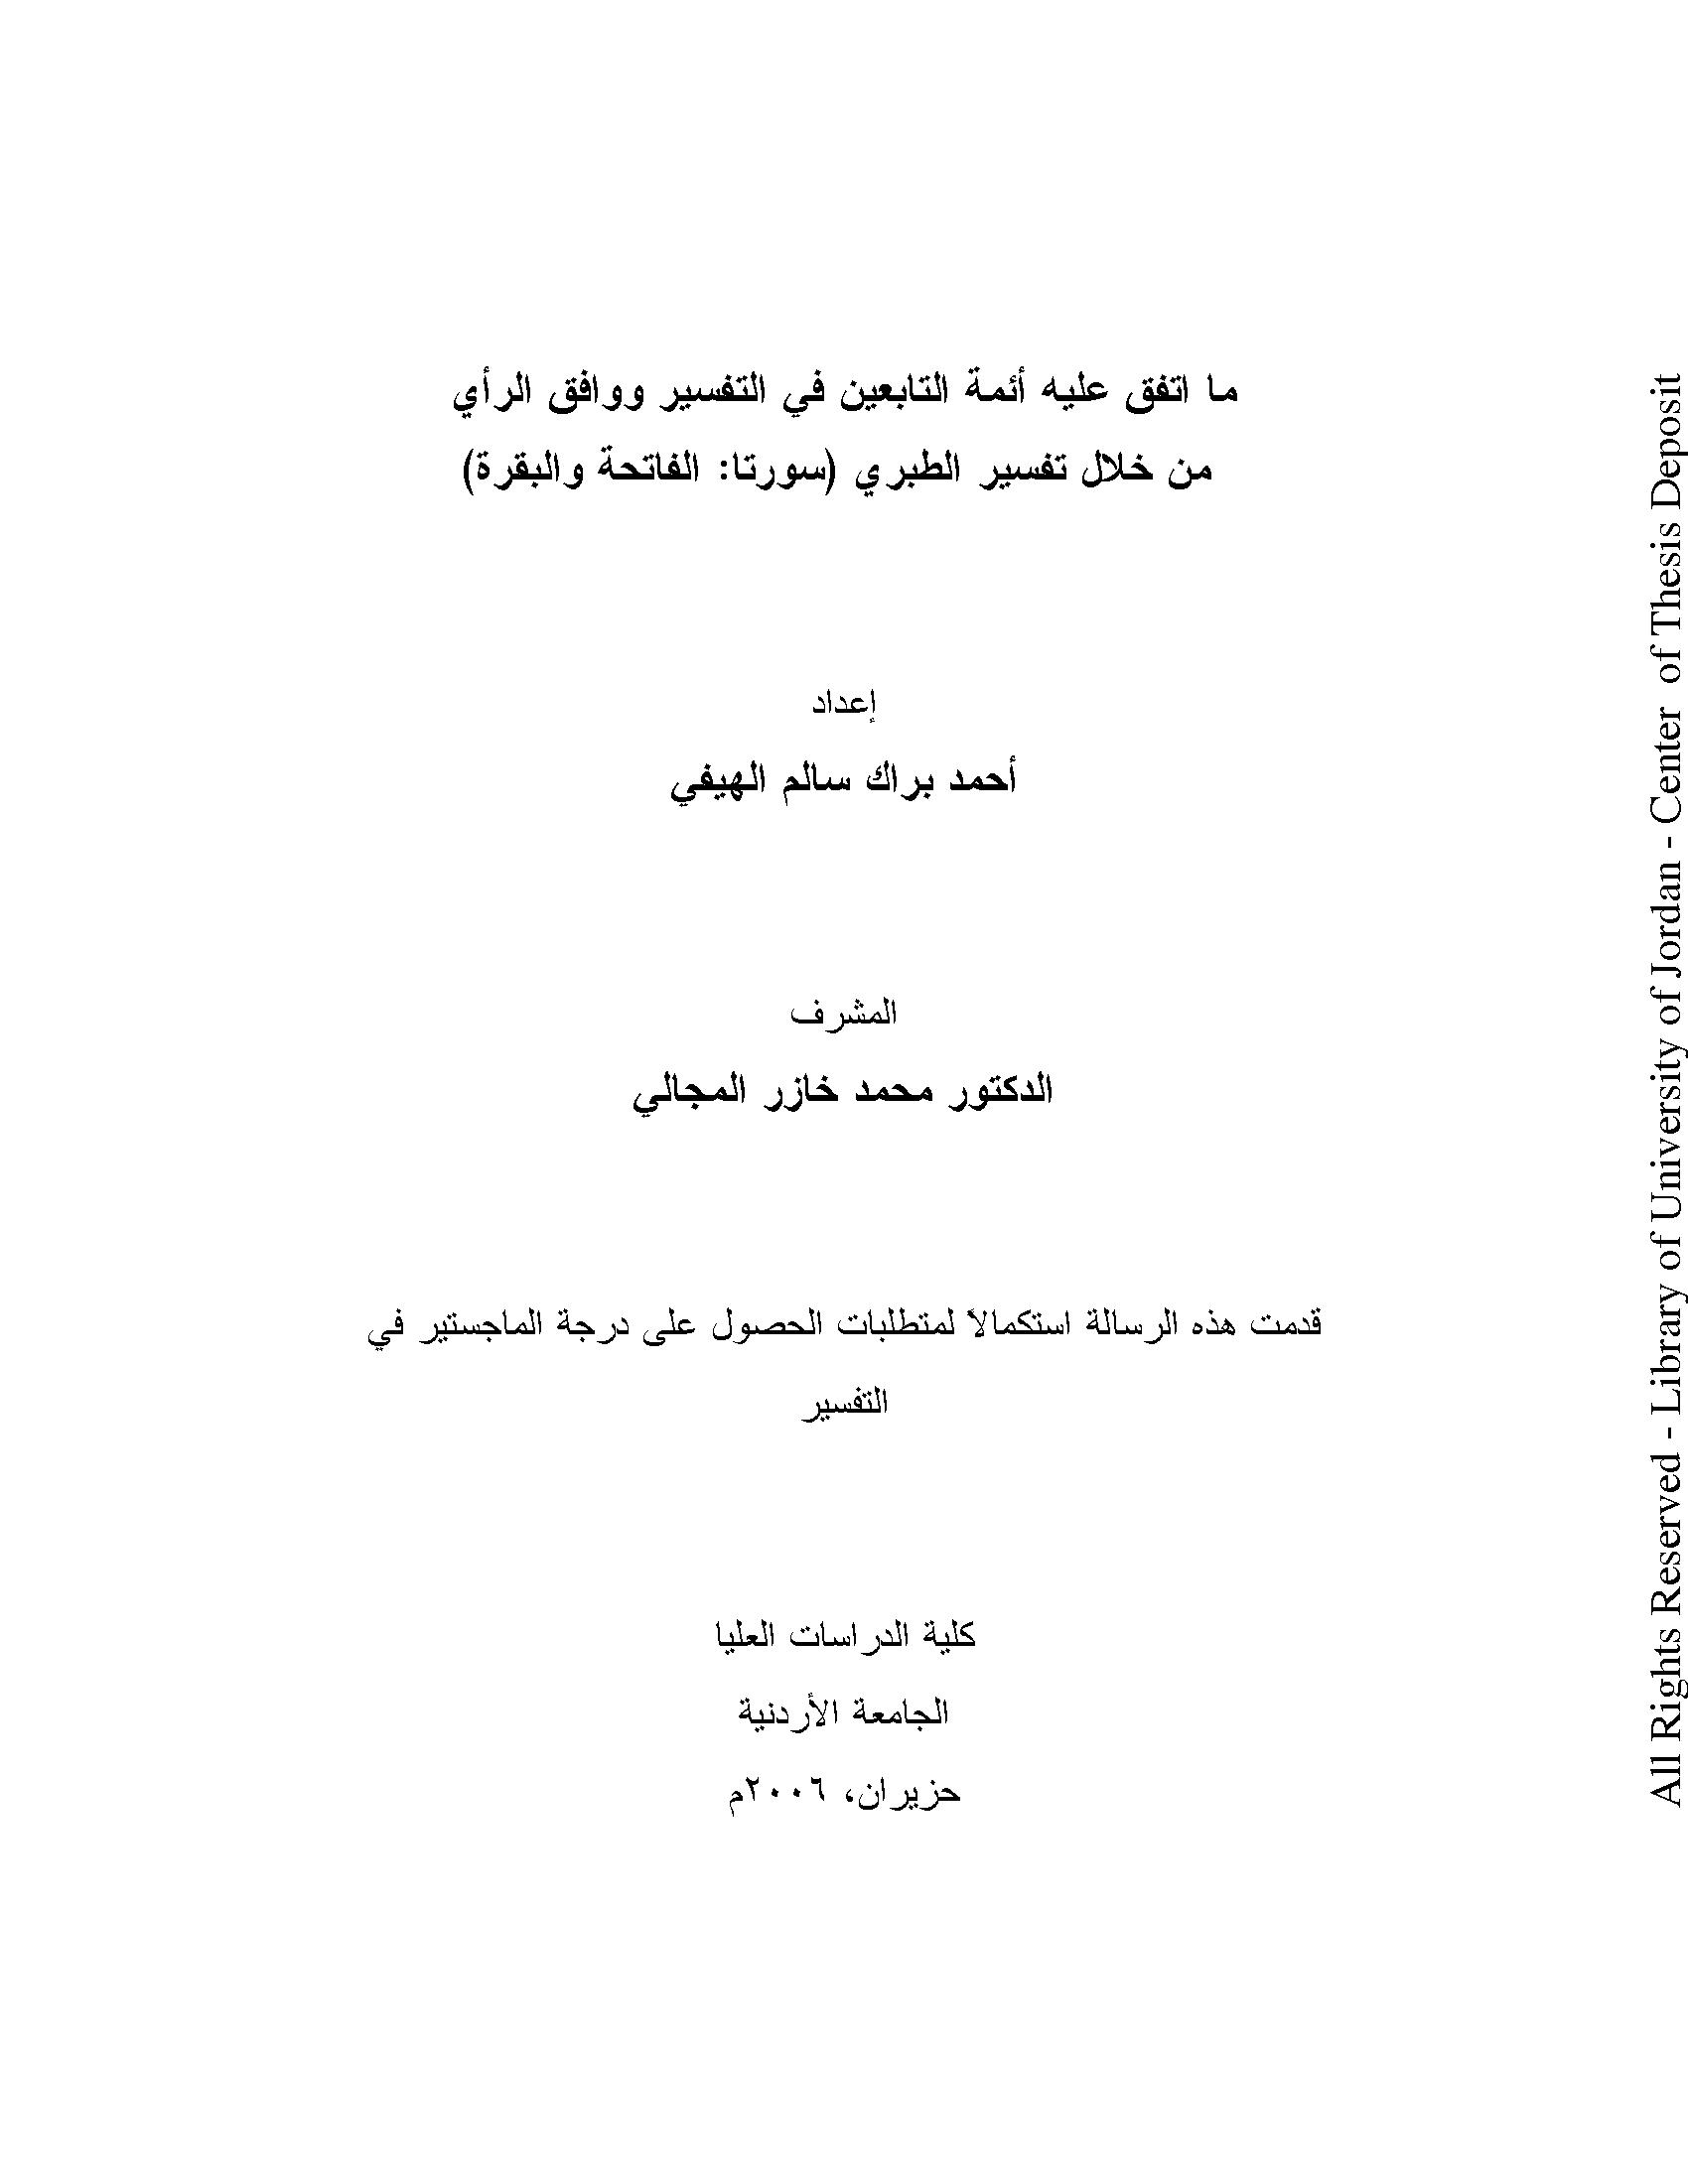 تحميل كتاب ما اتفق عليه أئمة التابعين في التفسير ووافق الرأي من خلال تفسير الطبري (سورتا الفاتحة والبقرة) لـِ: الدكتور أحمد براك سالم الهيفي